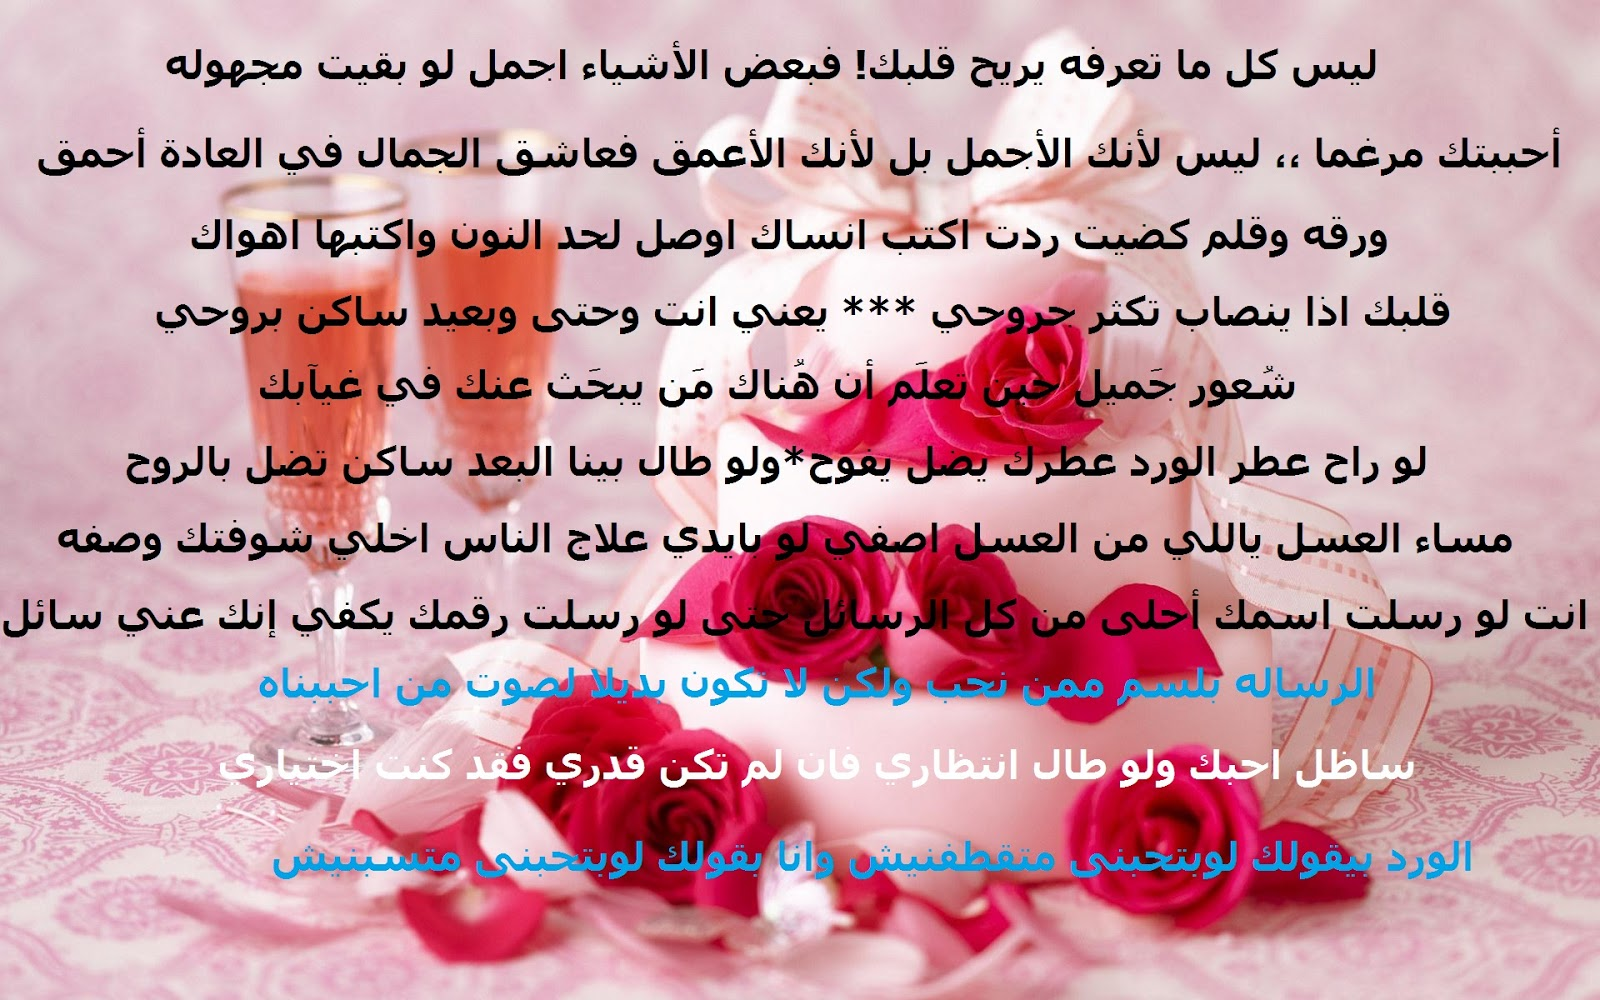 بالصور رسائل للحبيب , اجمل عبارات وكلمات للحبيب 6086 5